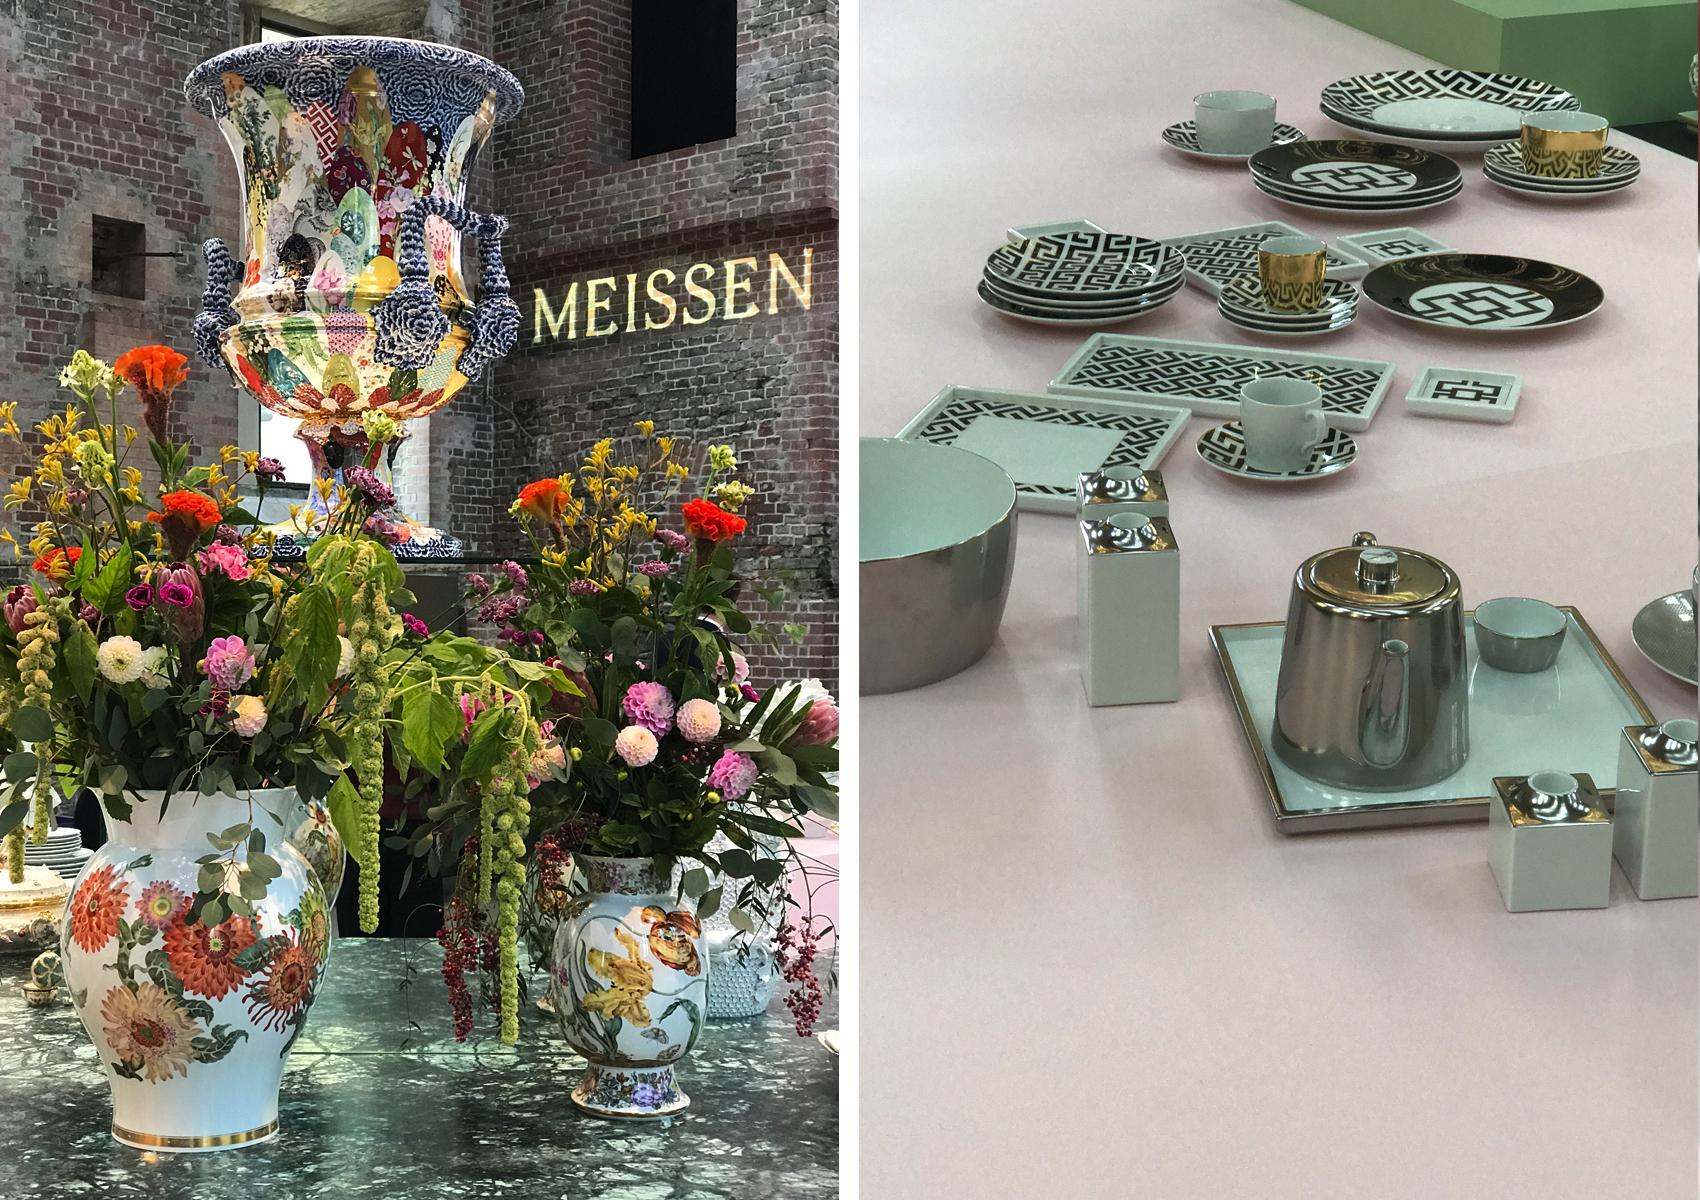 Event-Meissen-1.jpg